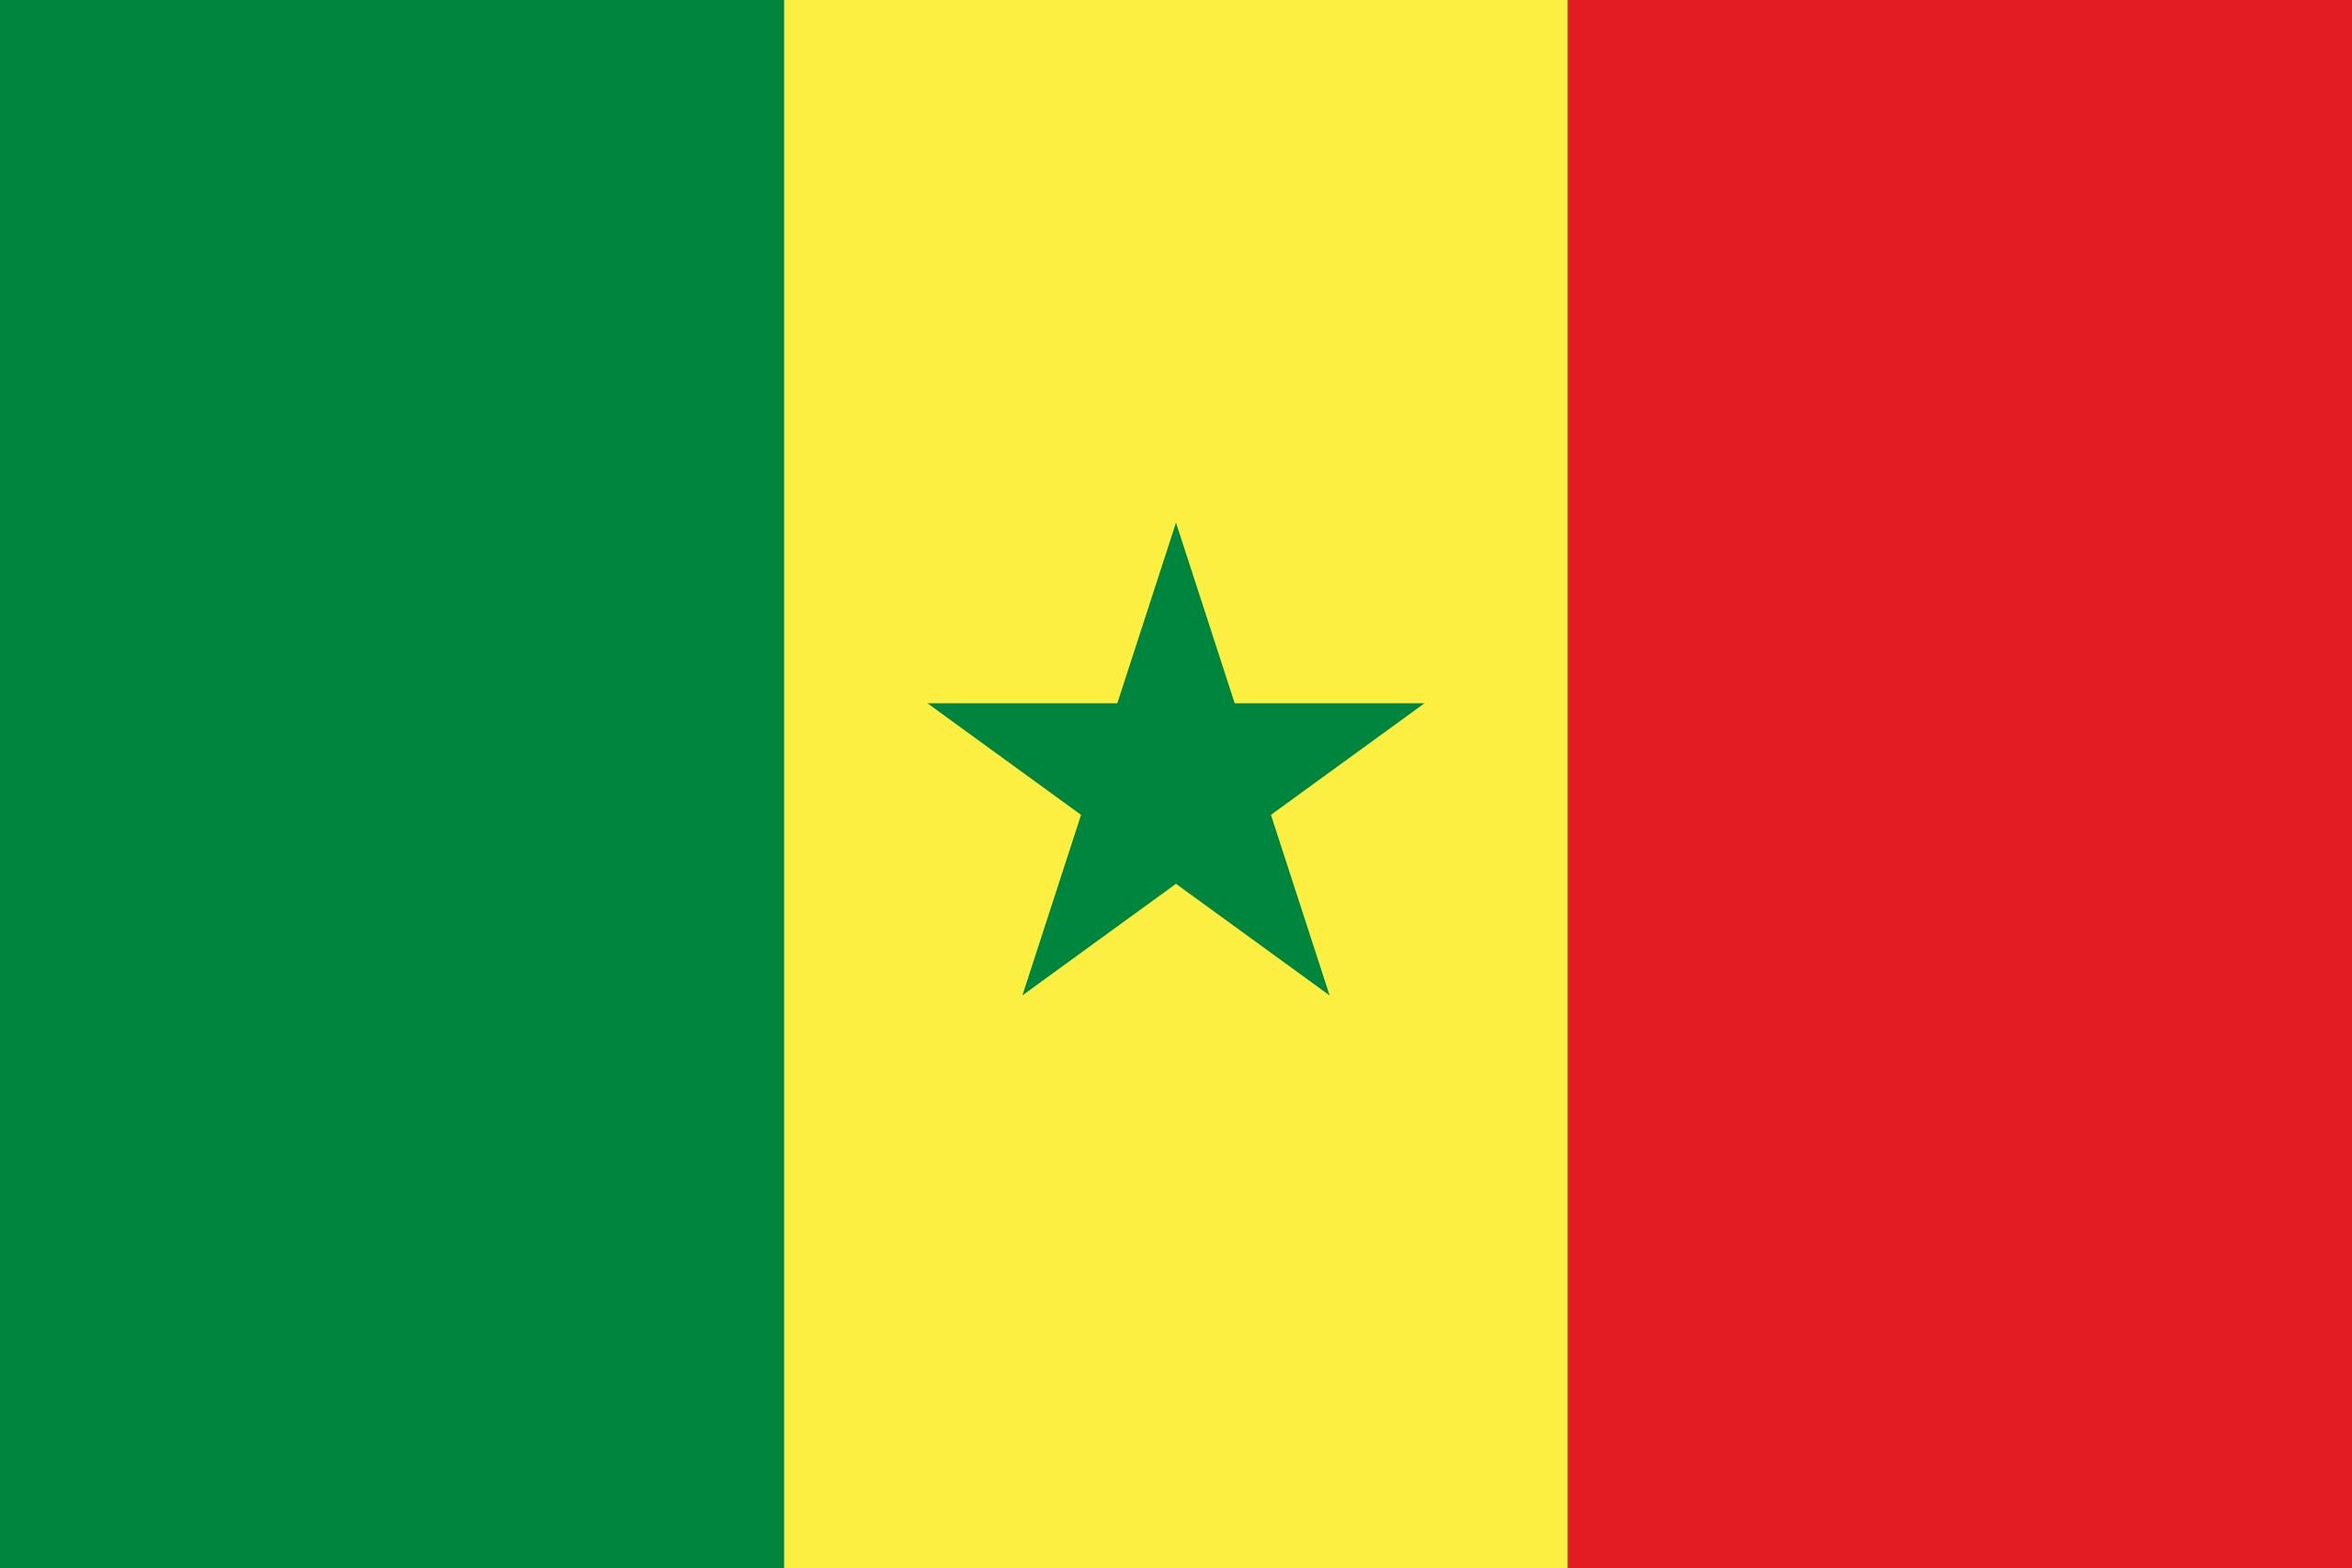 Ce blog sera réservé pour tout ce qui est en rapport avec le Sénégal.